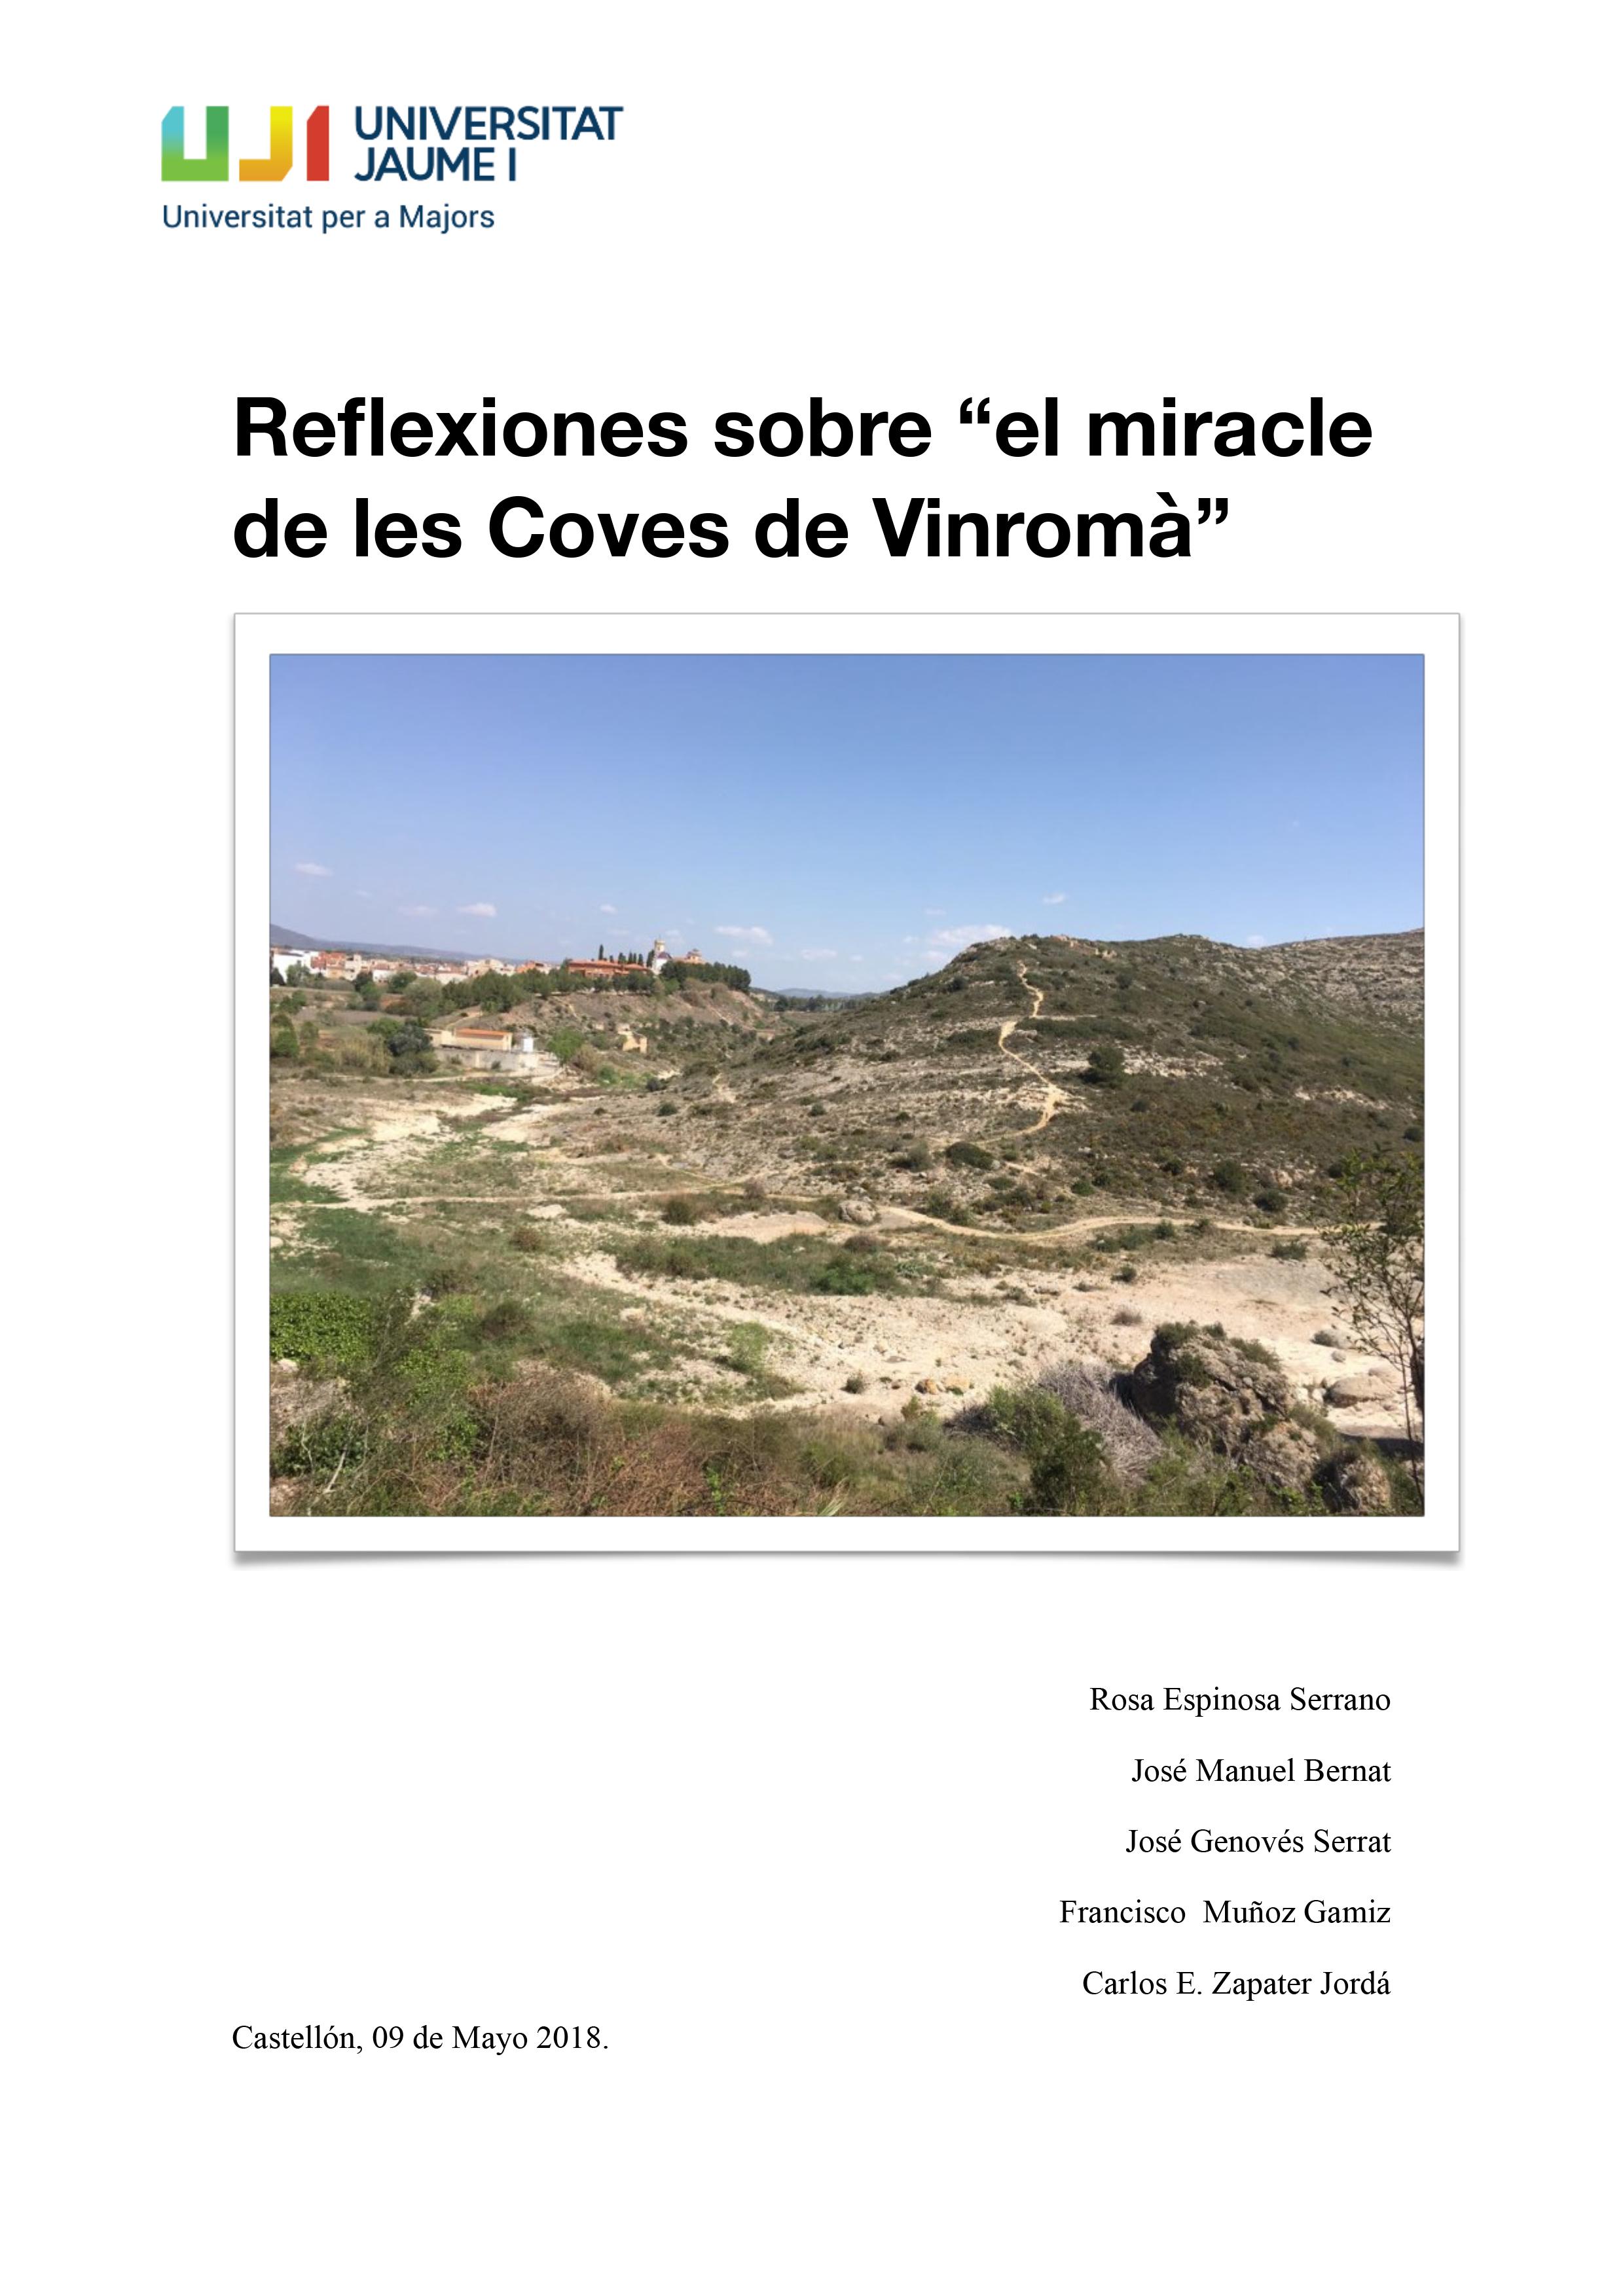 13-El-miracle-de-Les-Coves